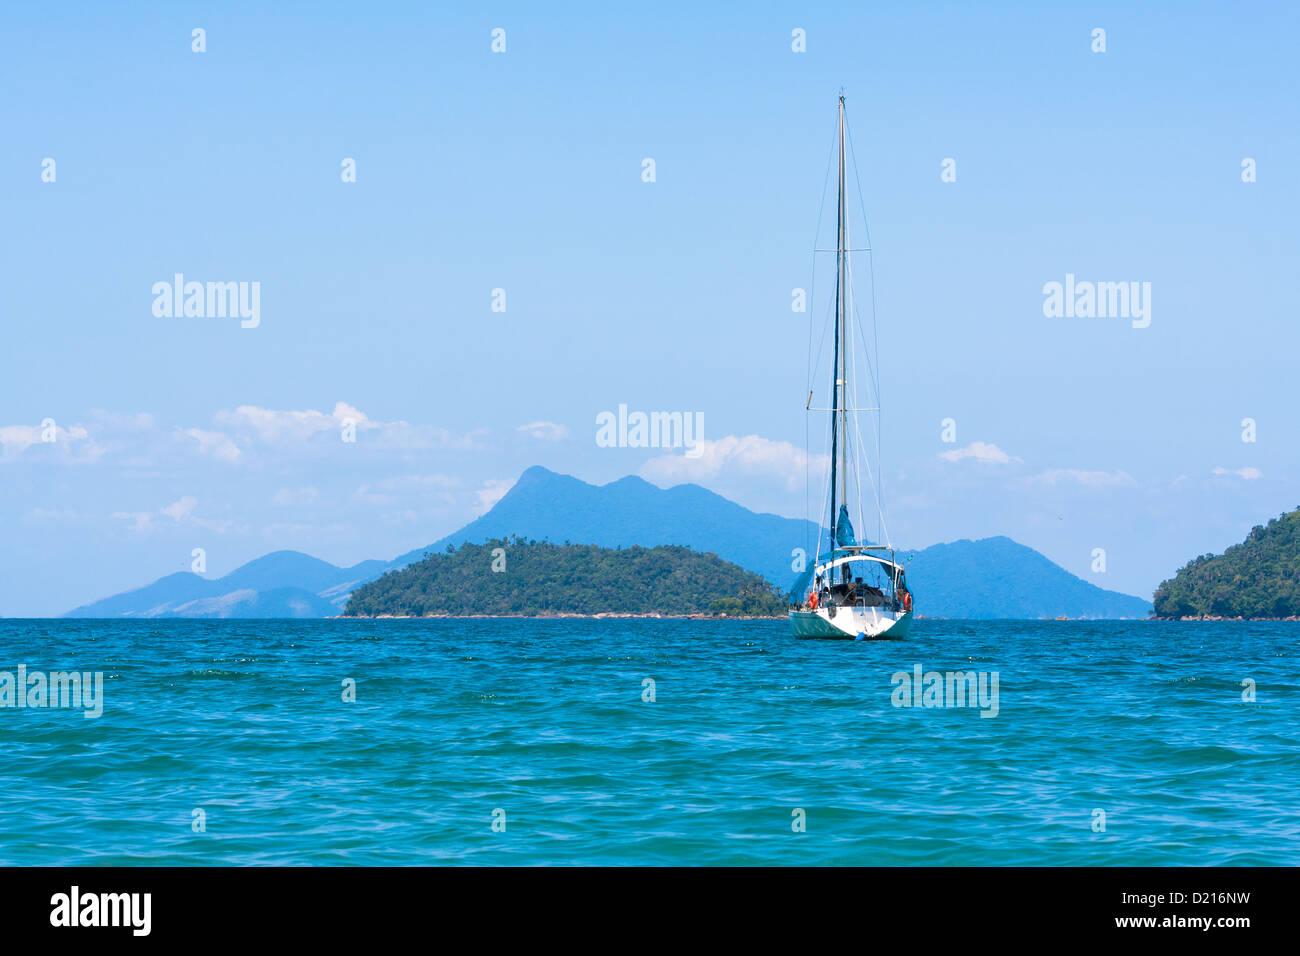 Barca a vela sul mare di Ilha Grande, visto da Lopes Mendes beach, Angra dos Reis, Stato di Rio de Janeiro, Brasile Immagini Stock